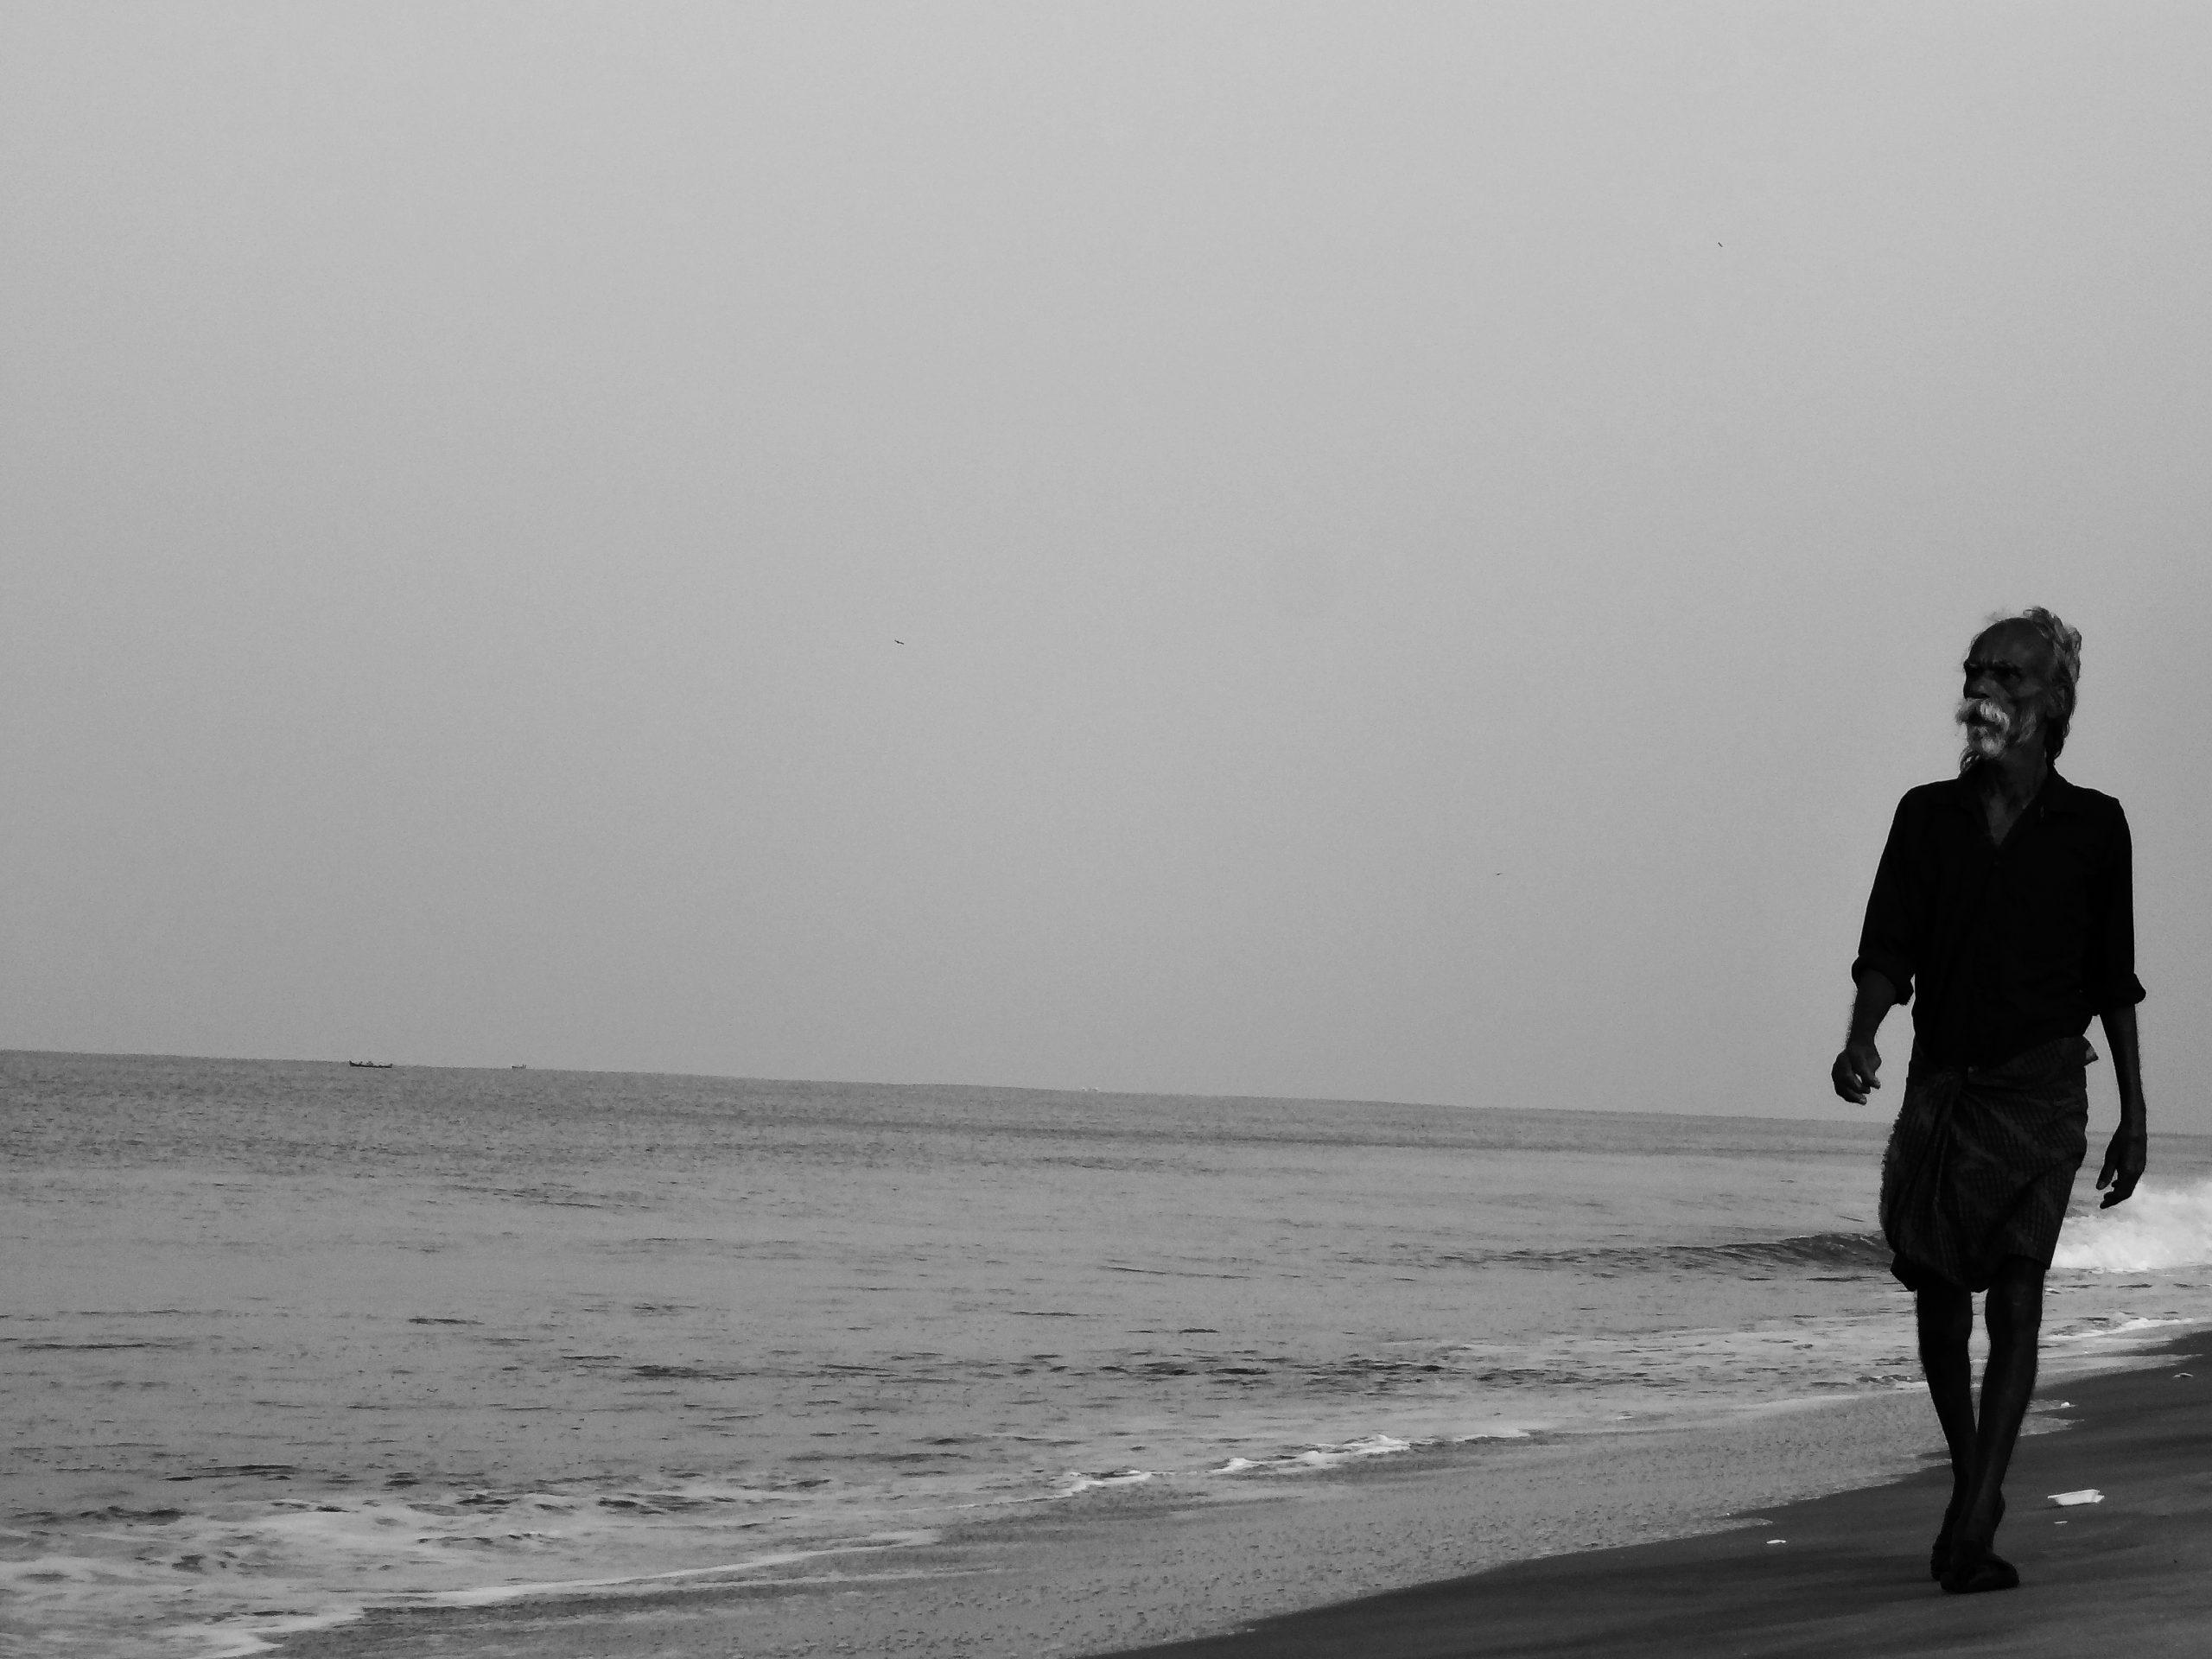 man walking on the beach side